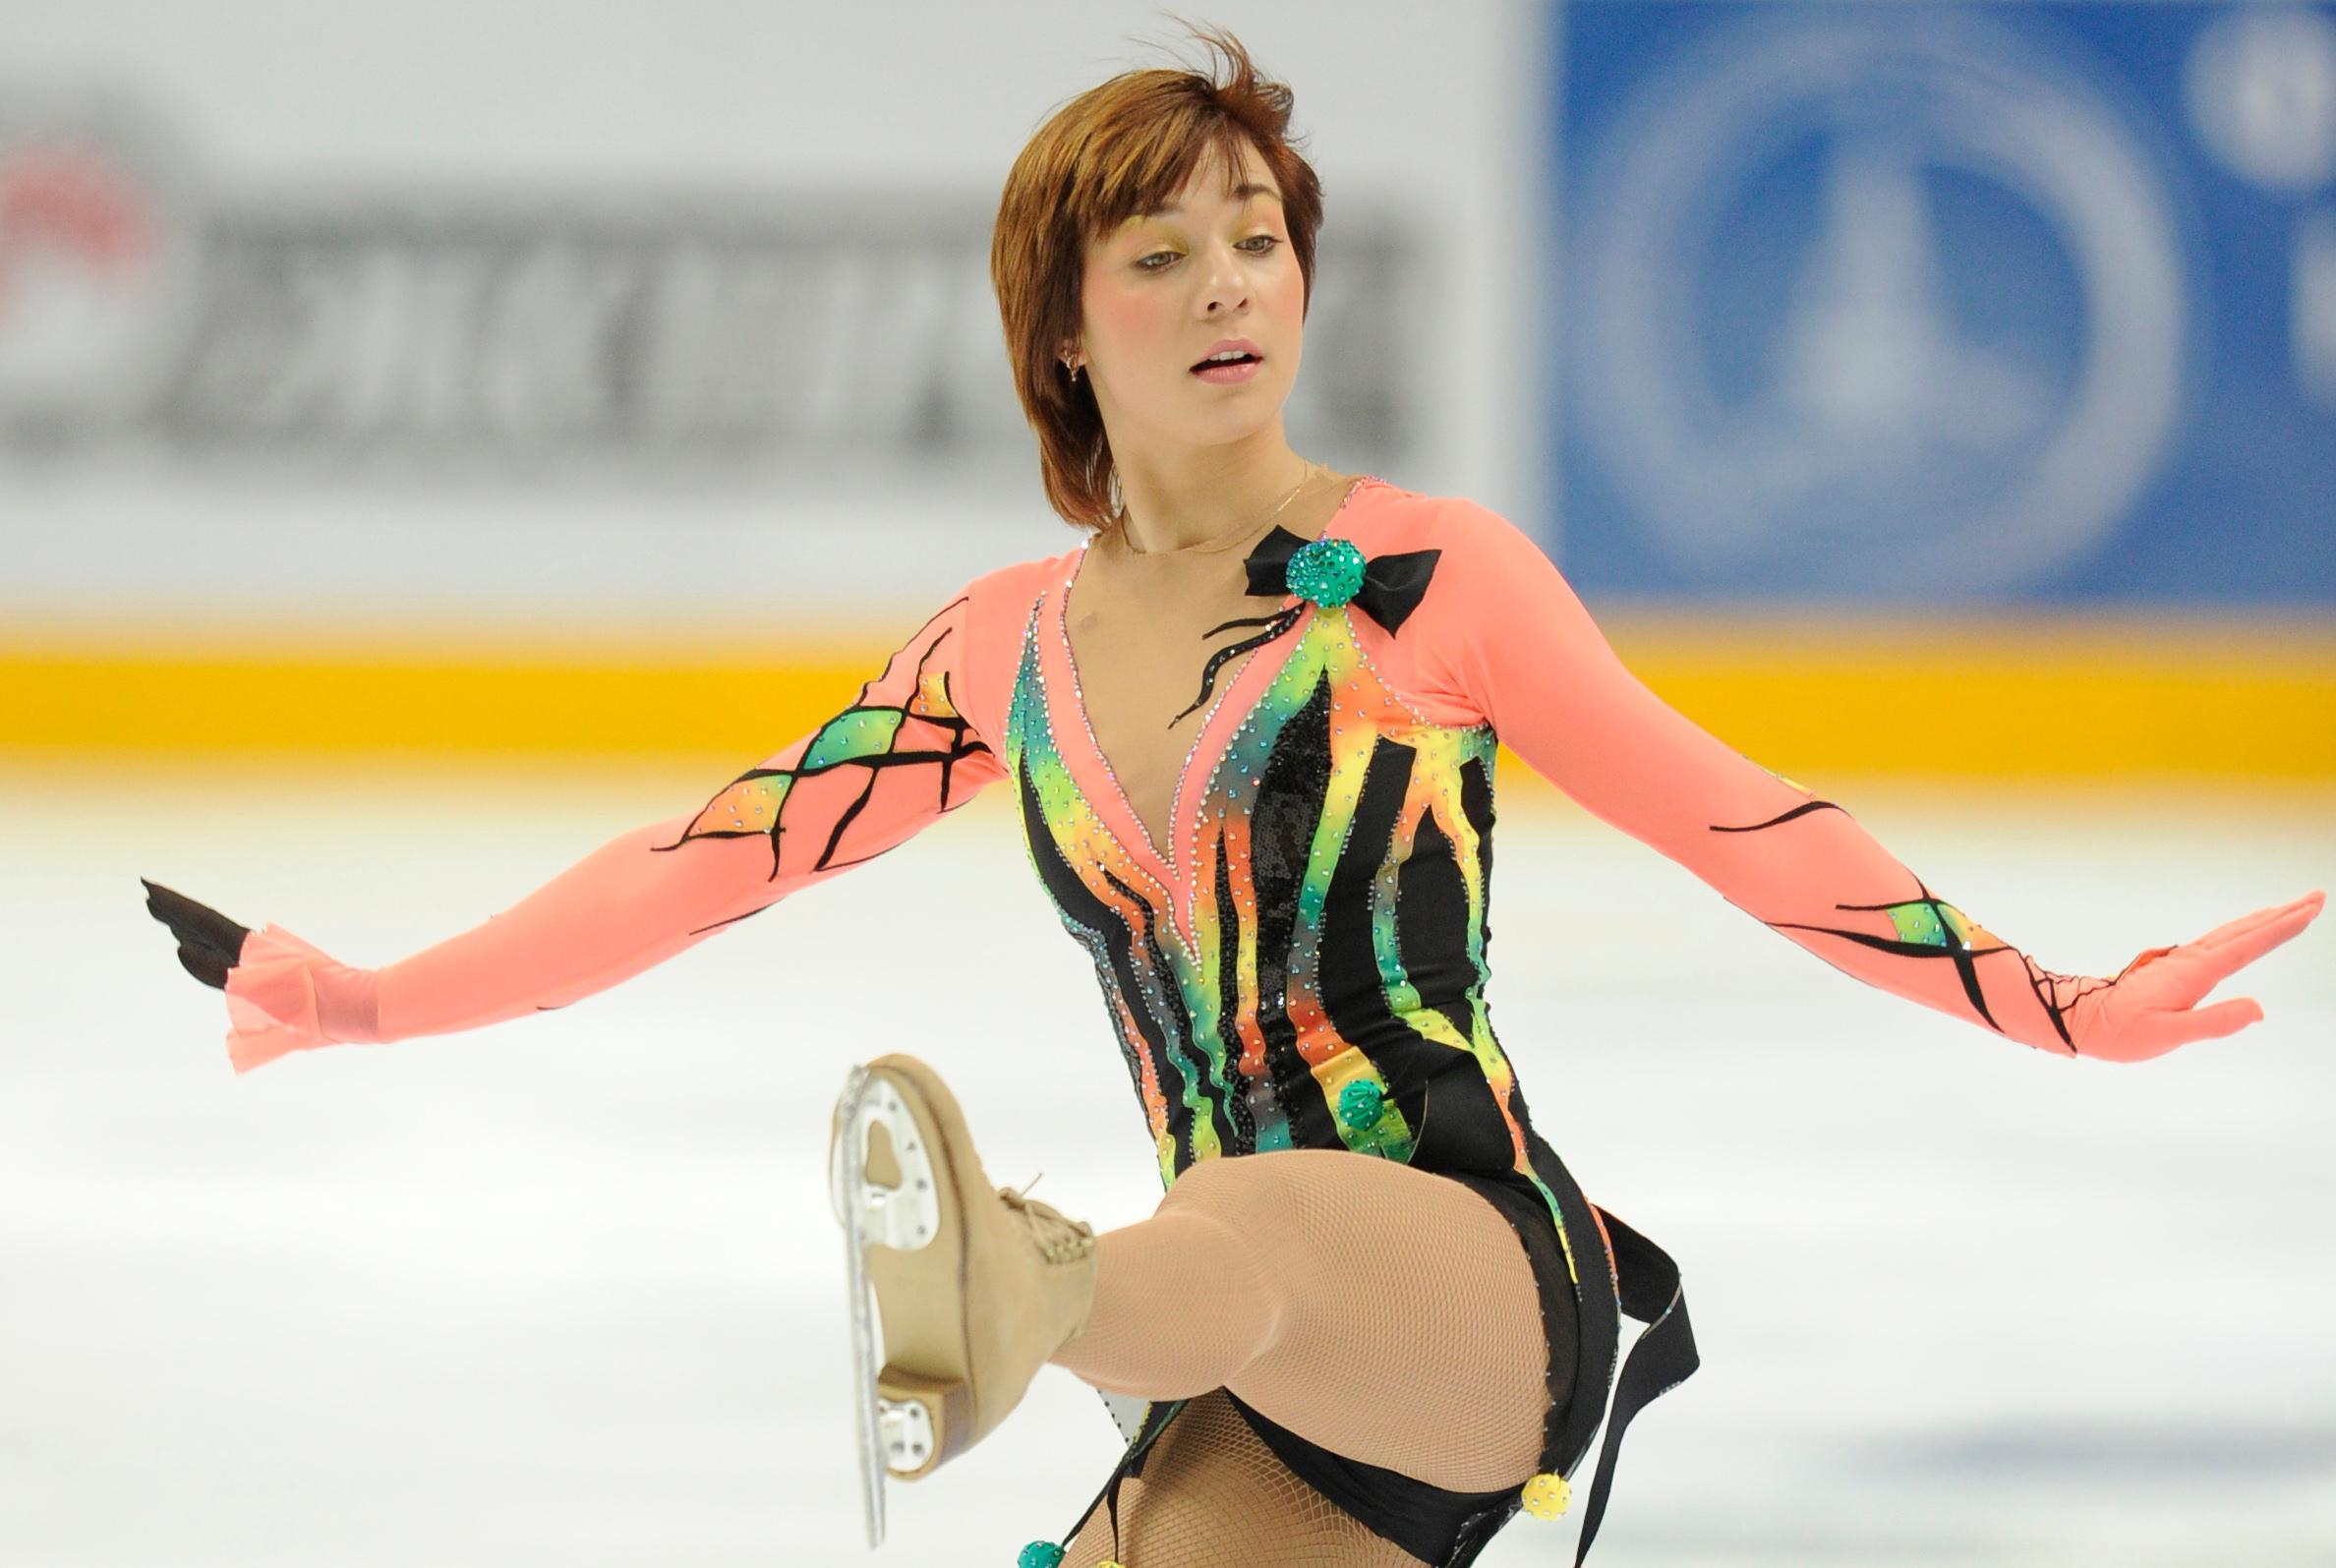 Леонова в 2010 году. Фото © ТАСС / Алексей Филиппов